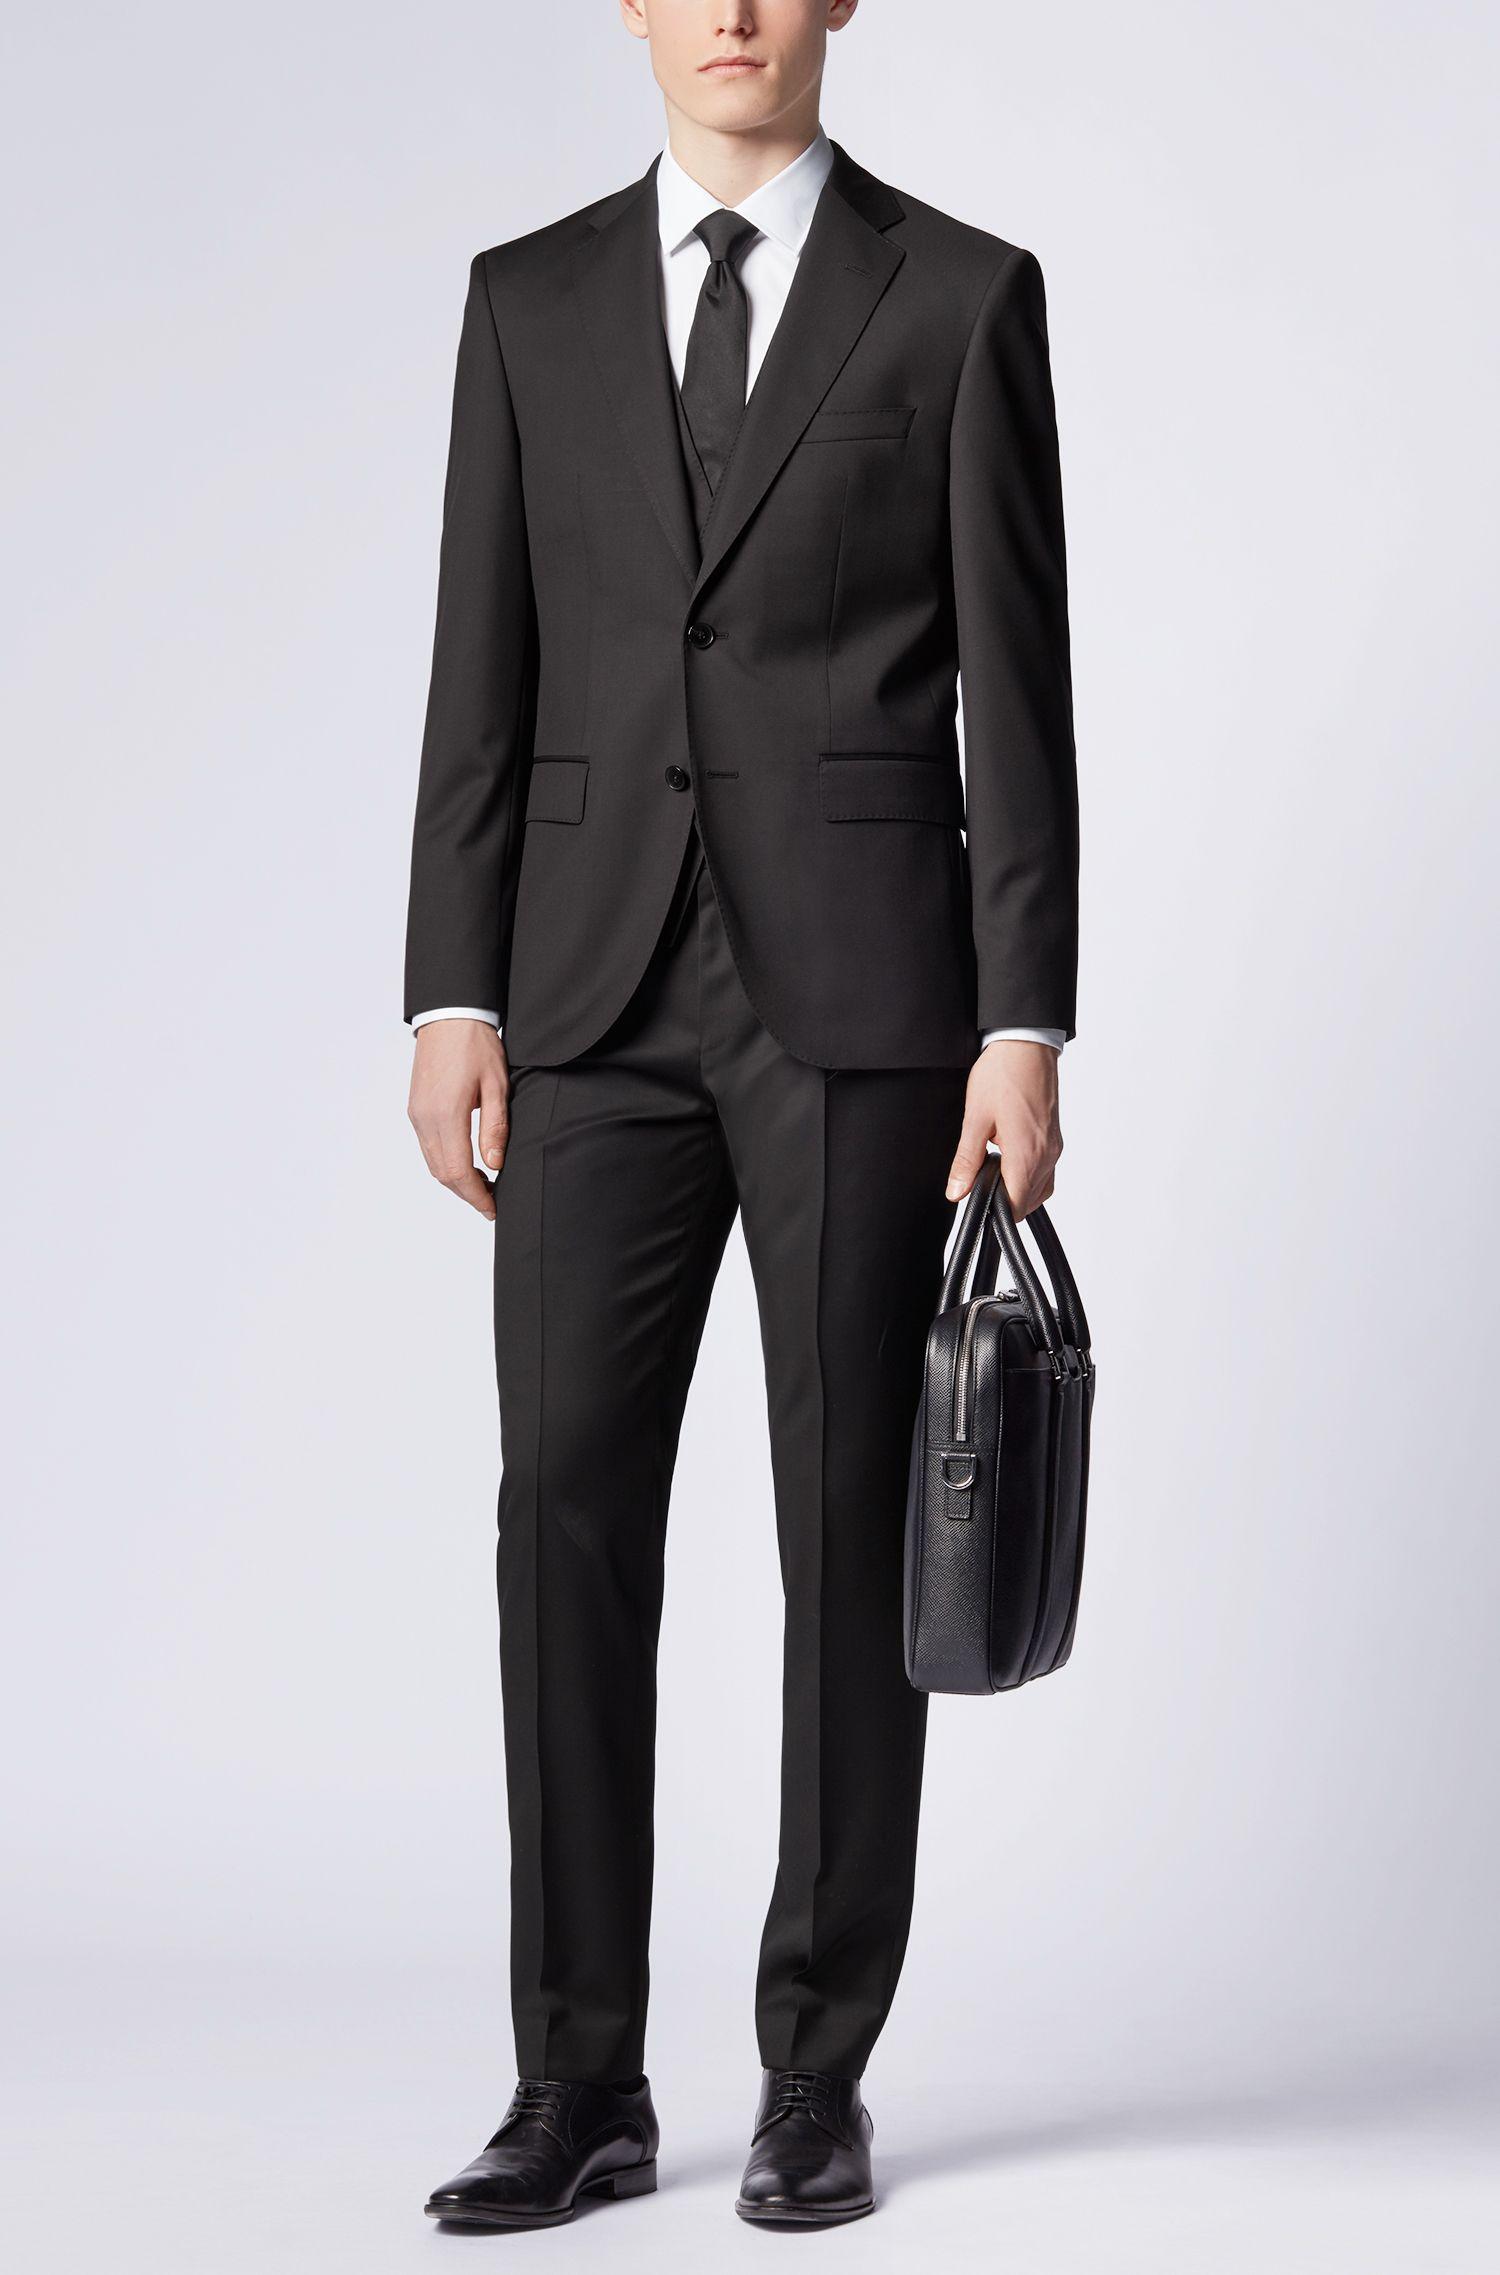 Virgin Wool Waistcoat, Slim Fit | Wilson CYL